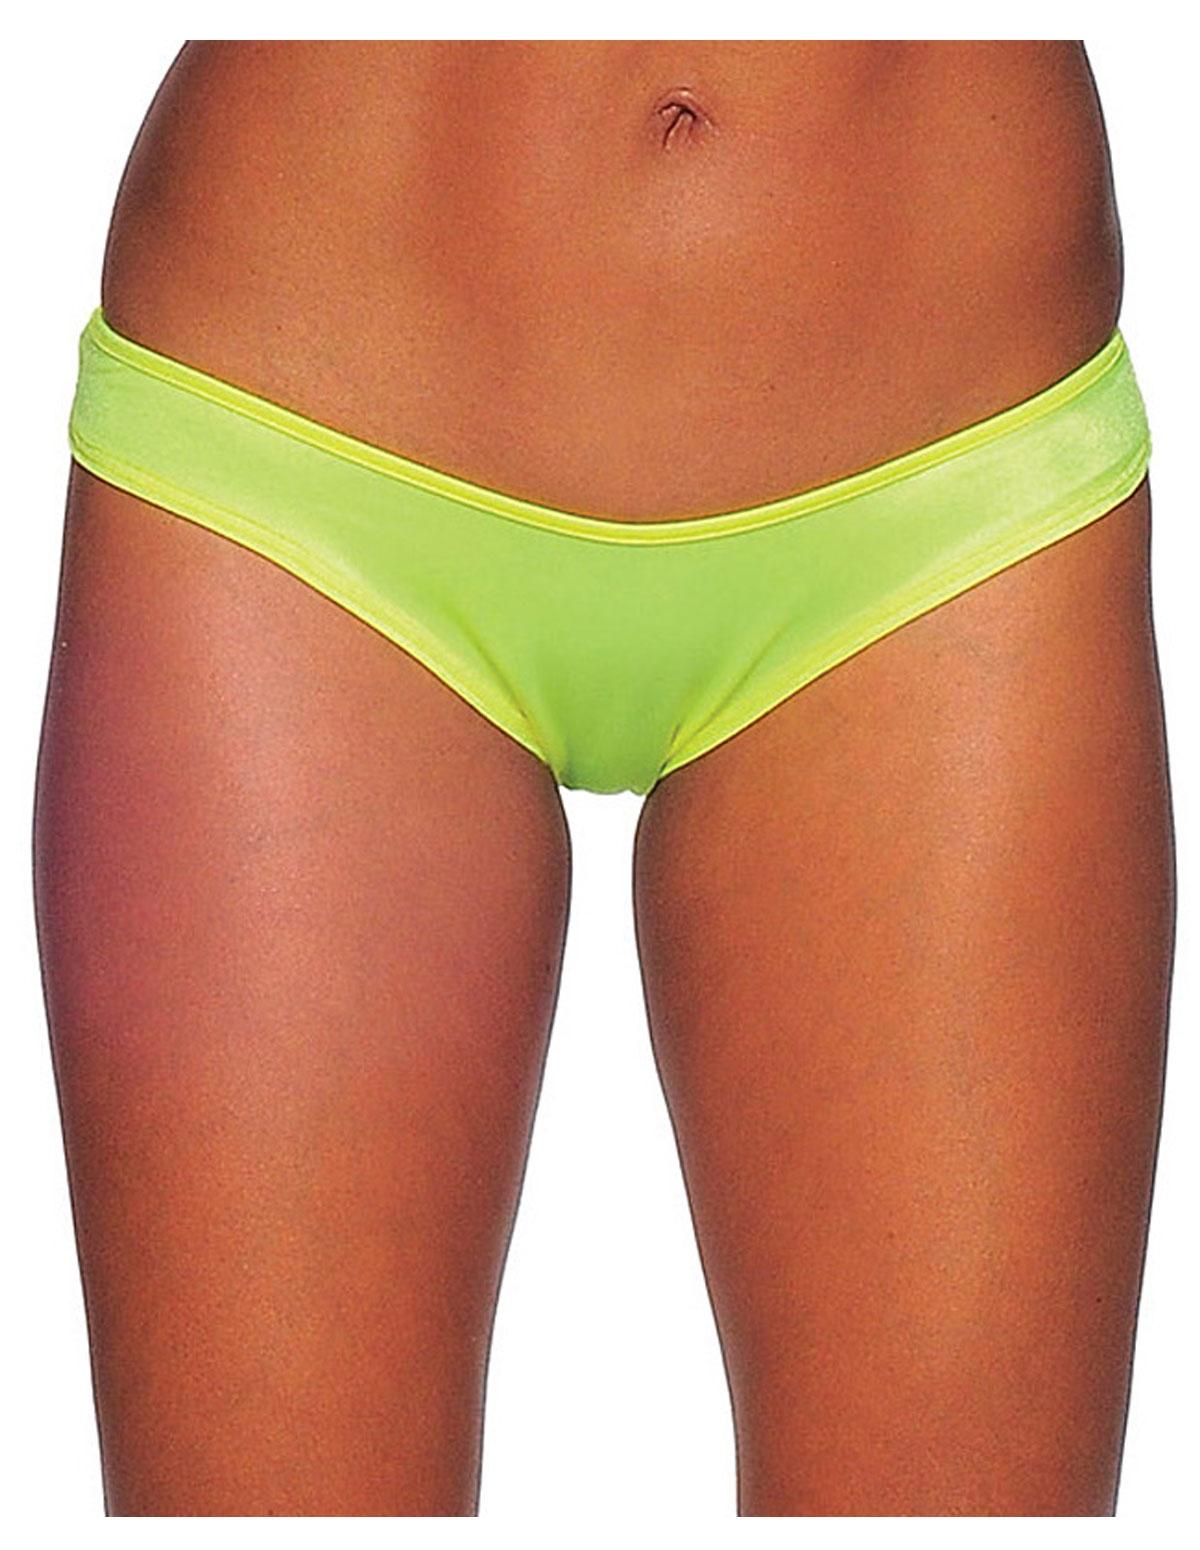 Modern Micro Scrunch Panty